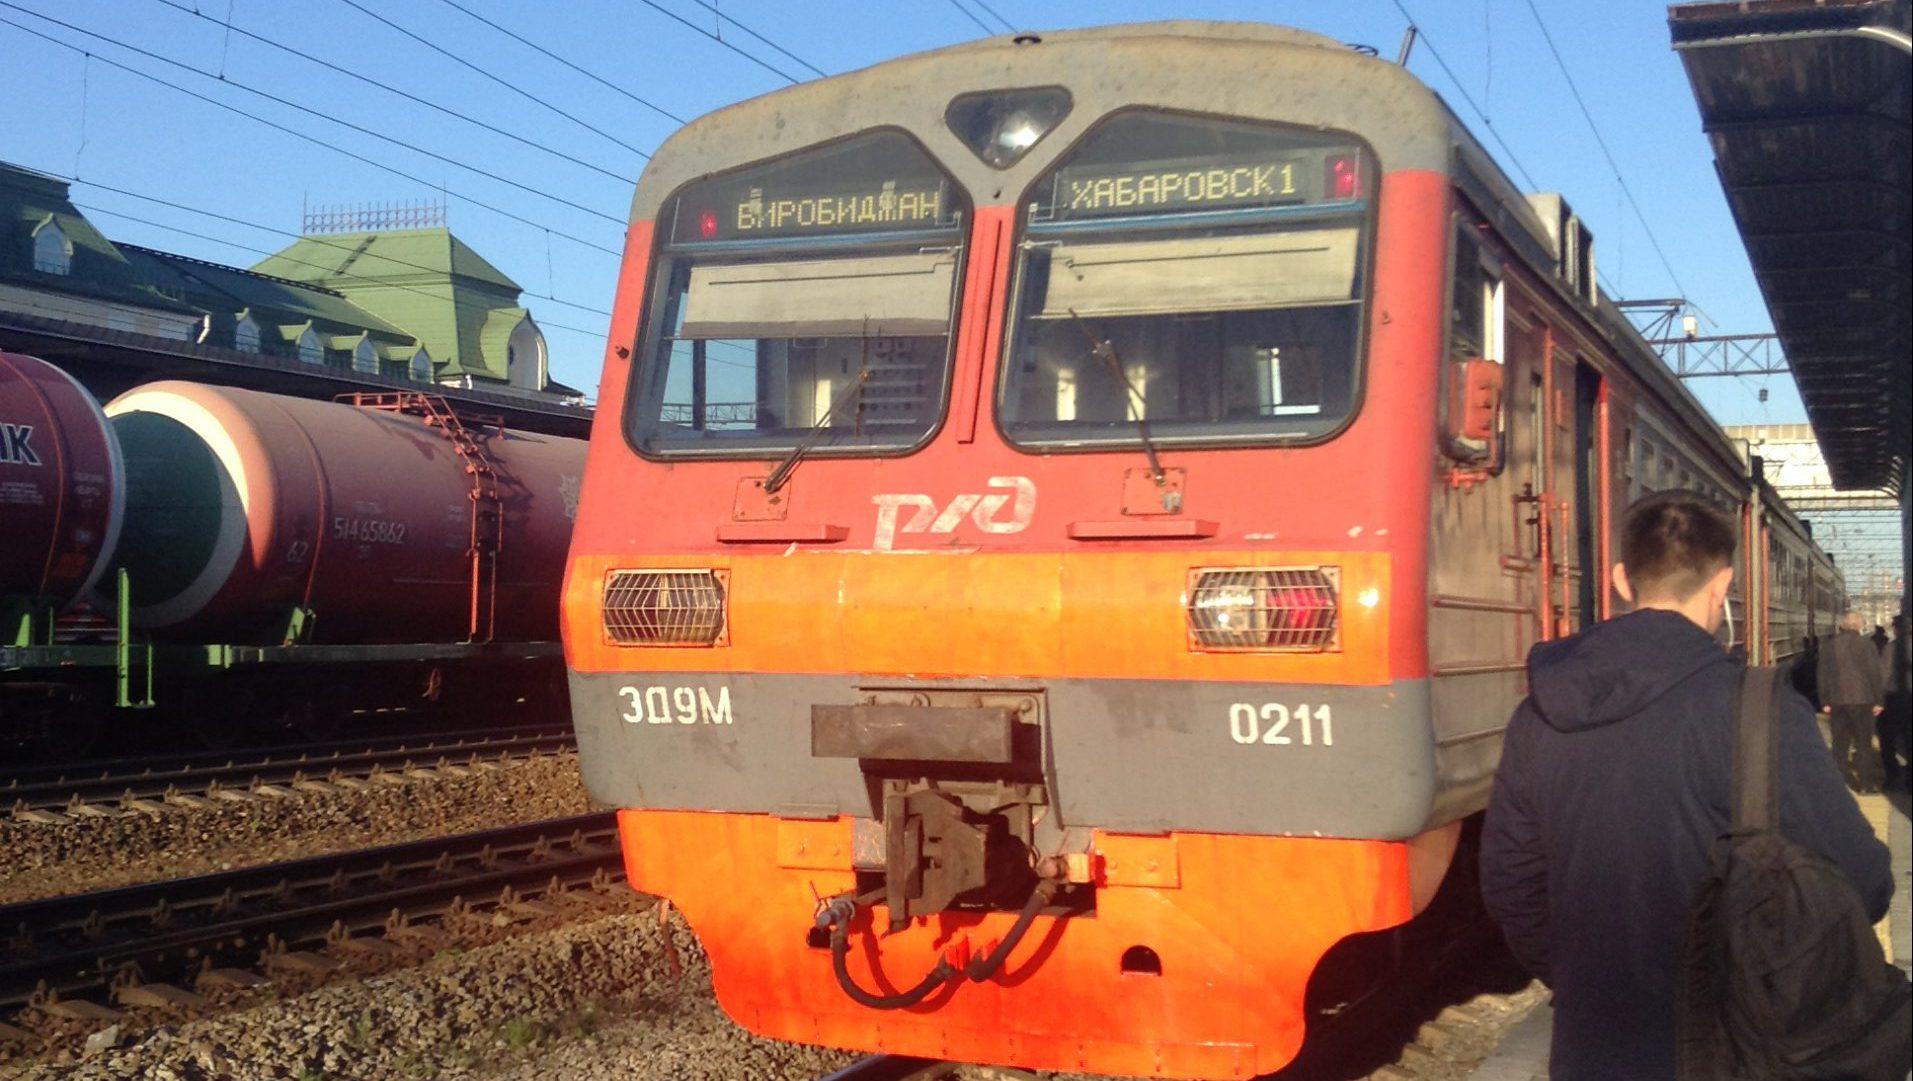 ハバロフスク・ビロビジャン 近郊電車乗車記